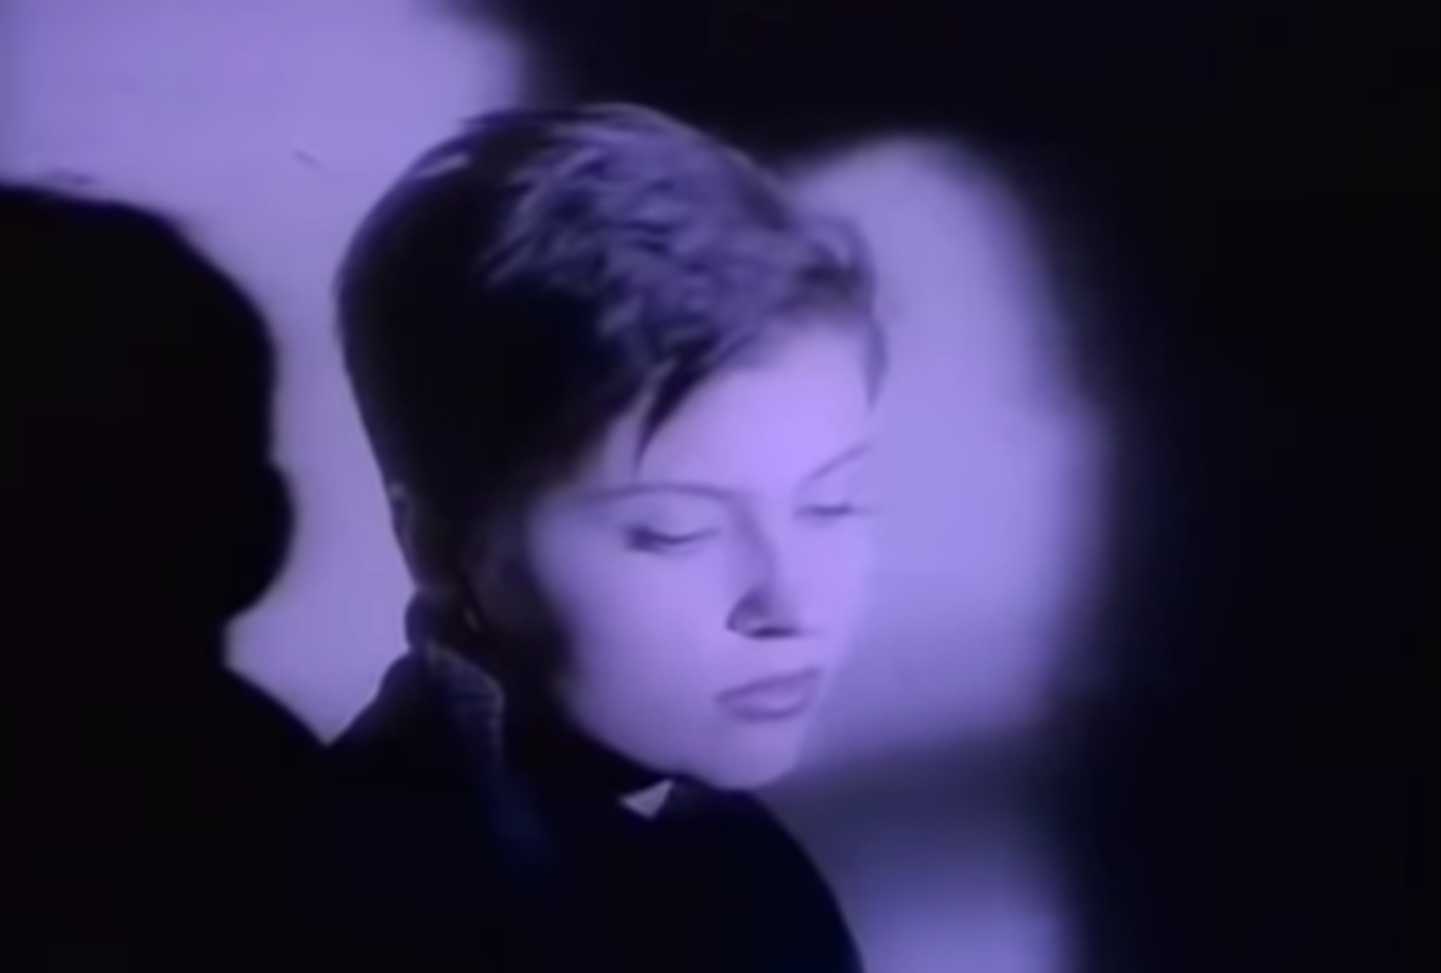 Звезда 90-х Владимирская оказалась связана с сибирскими сектантами